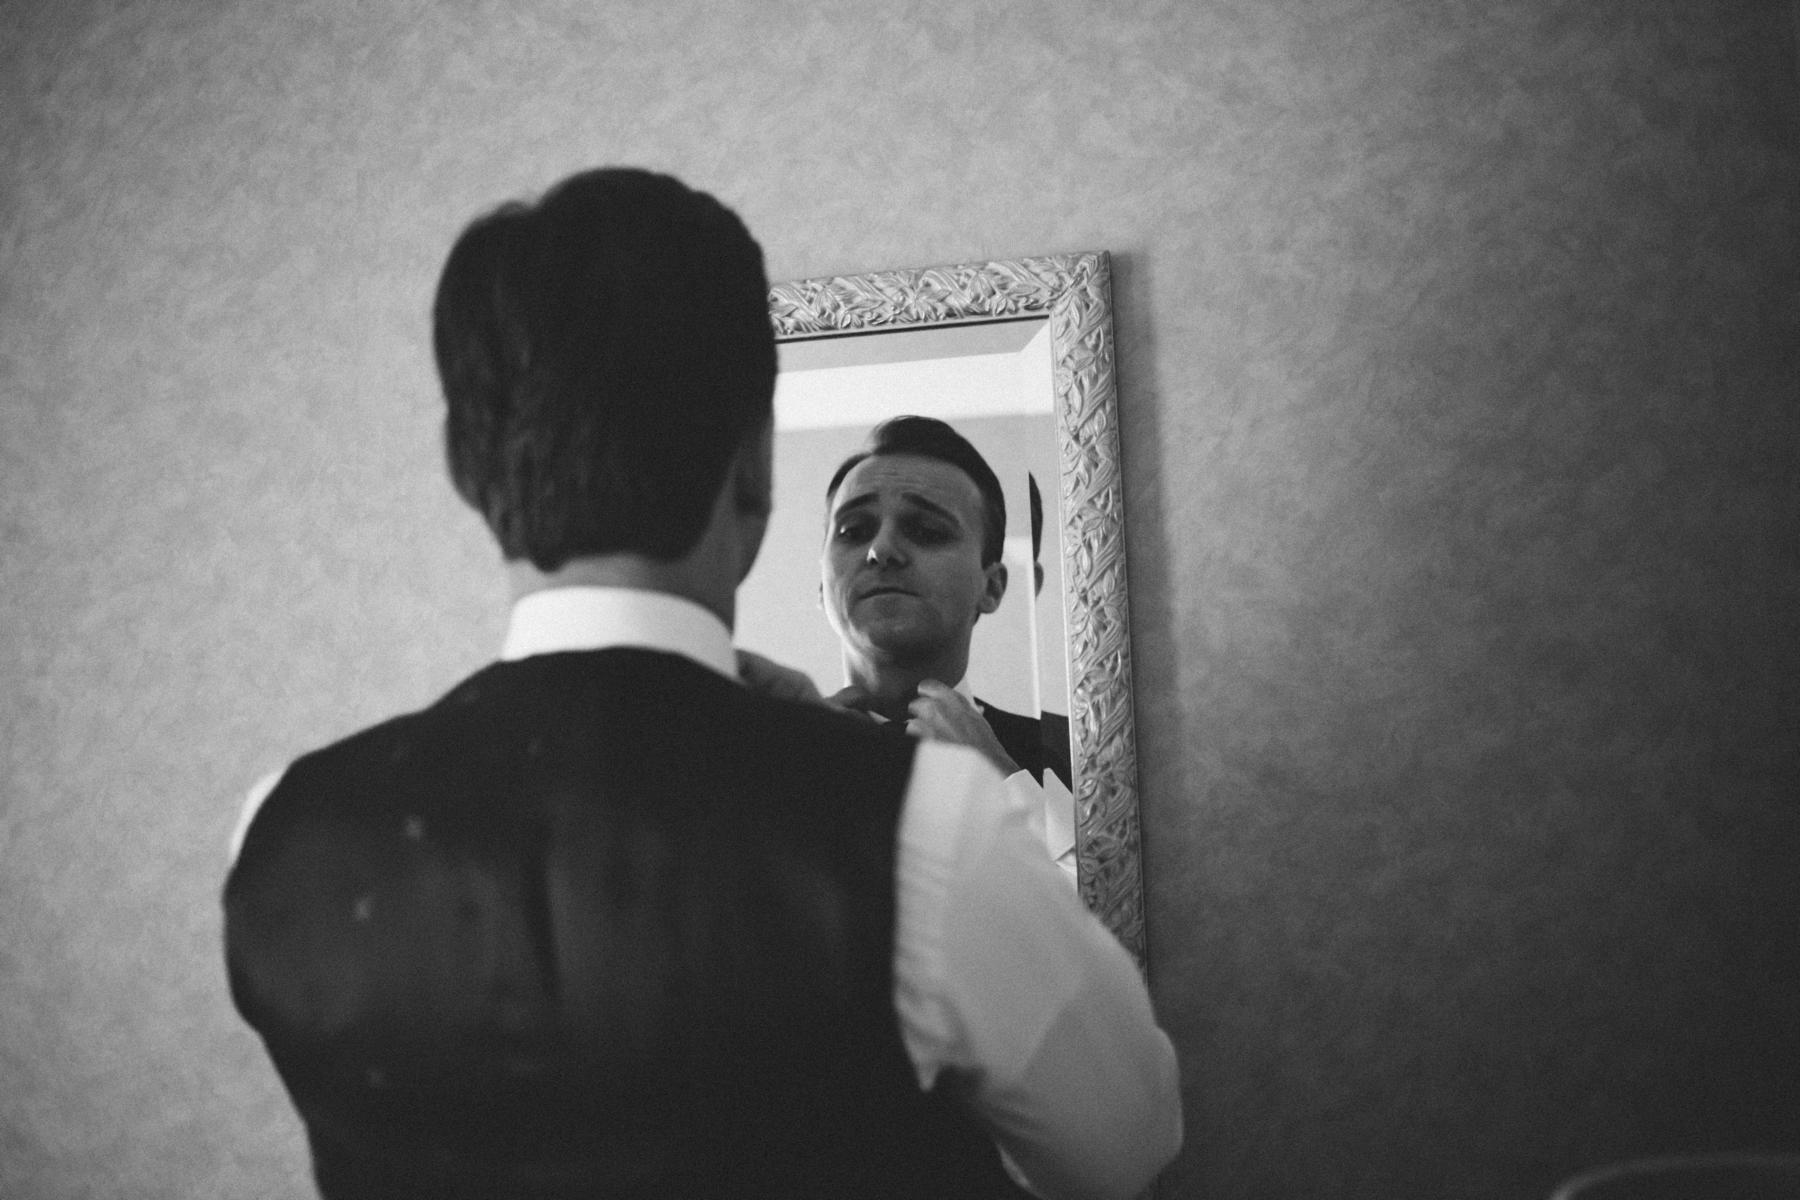 Bräutigam beim Getting Ready vor Spiegel